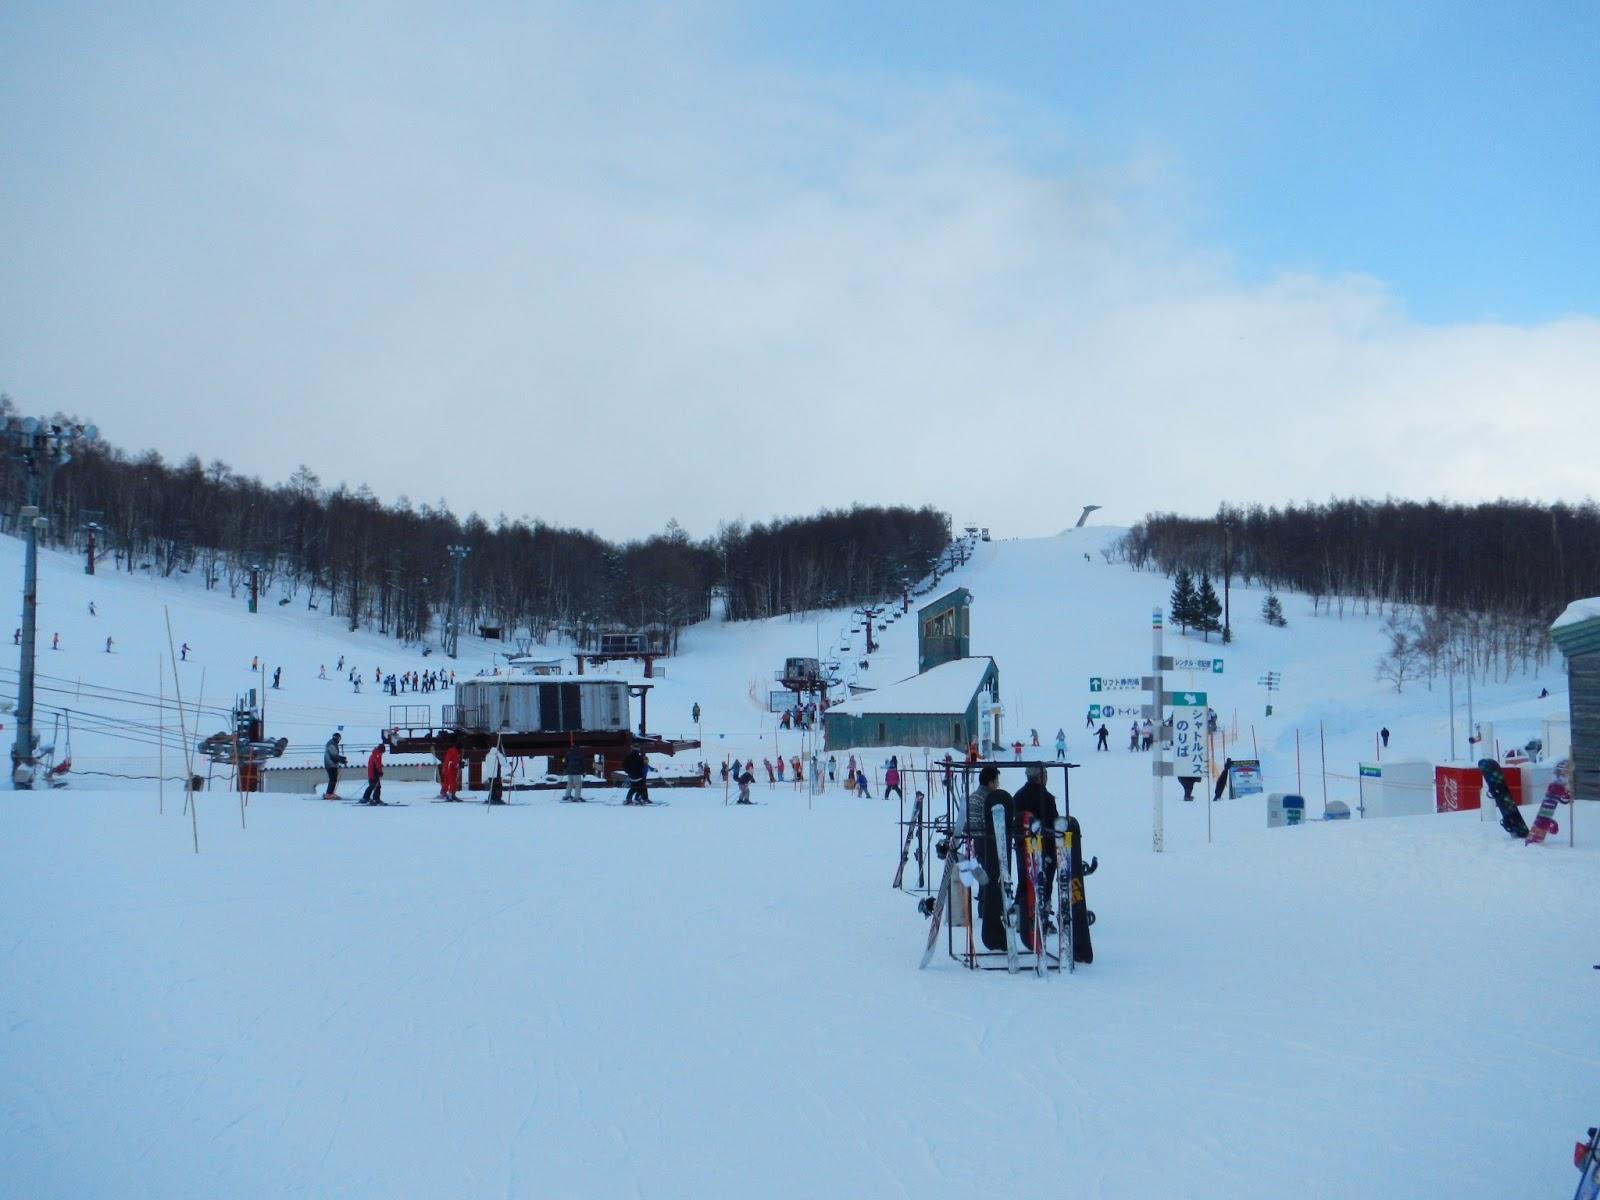 hokkaido - the winter wonderland: day 3 - teine ski resort and otaru